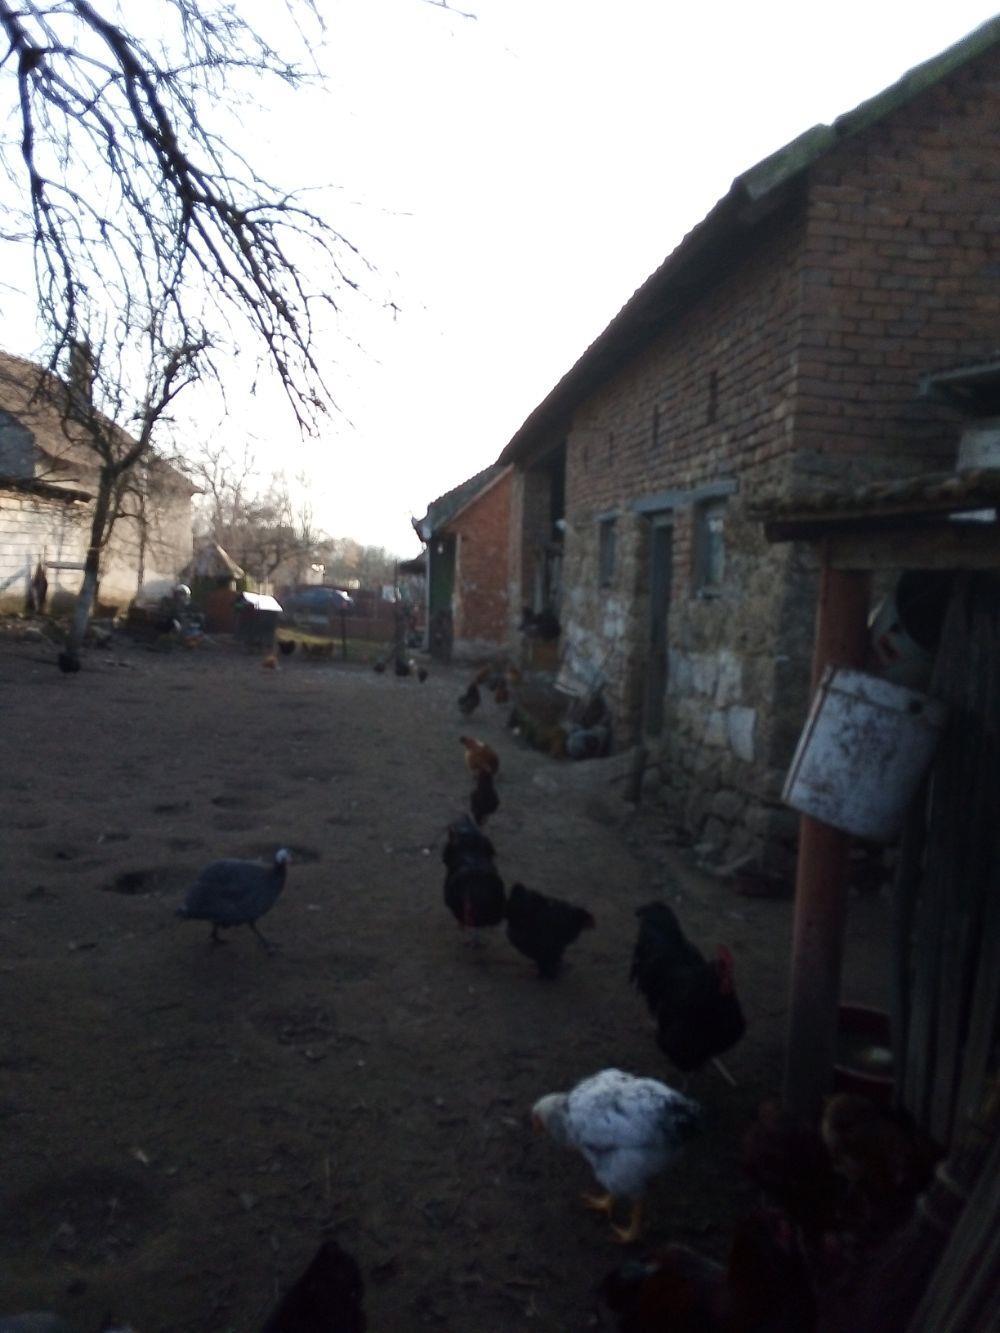 OFER spre Vinzare Casa Frumoasa într-o zona forte Bună la 12 km de DEVA Ocupabila Imediat acte regul - imagine 4